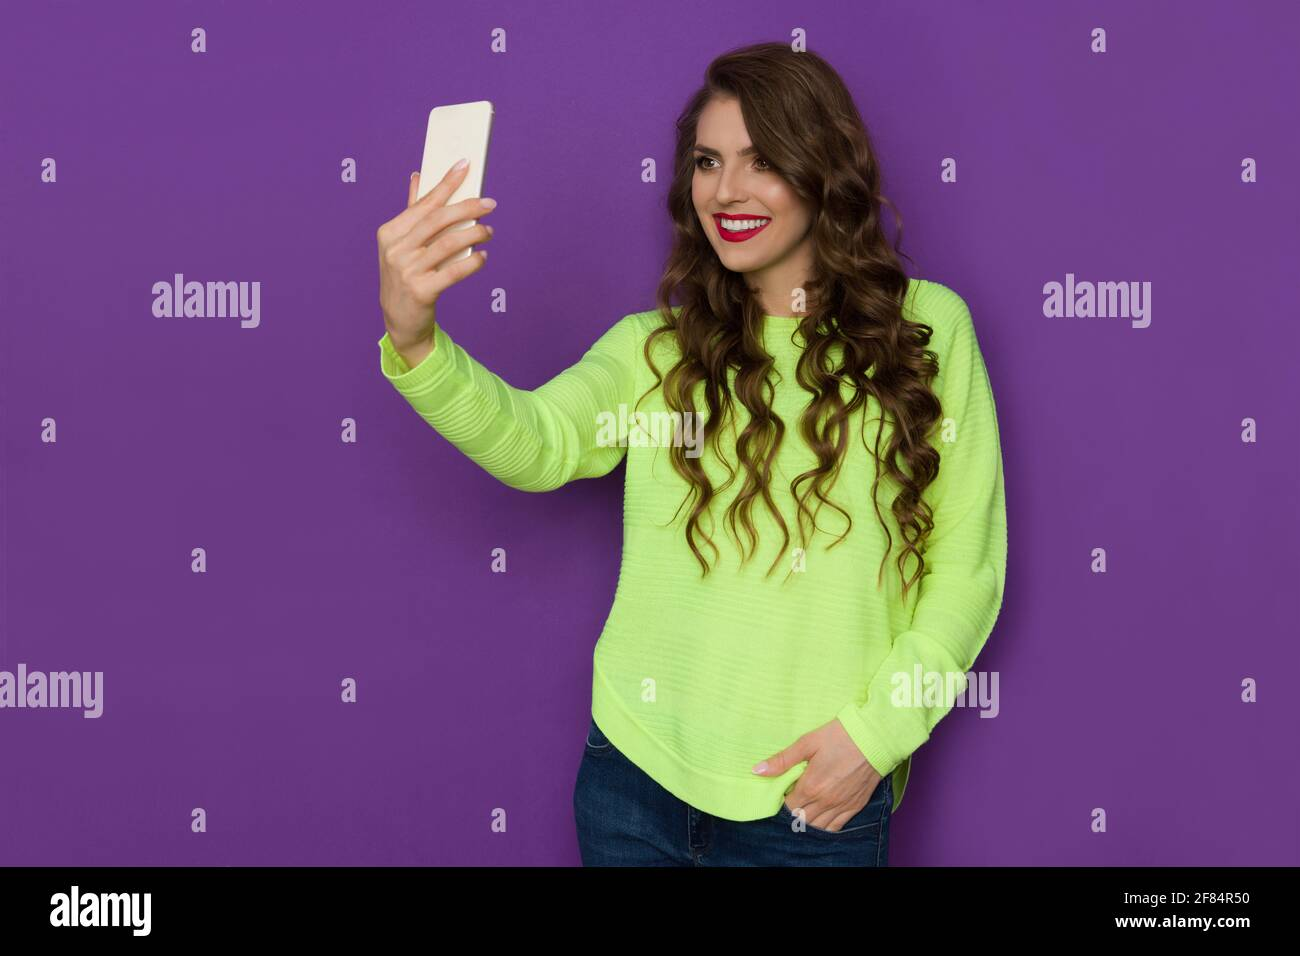 Belle jeune femme en vert fluo chandail tient le téléphone, prend un selfie et sourire. Taille haute, prise en studio sur fond violet. Banque D'Images